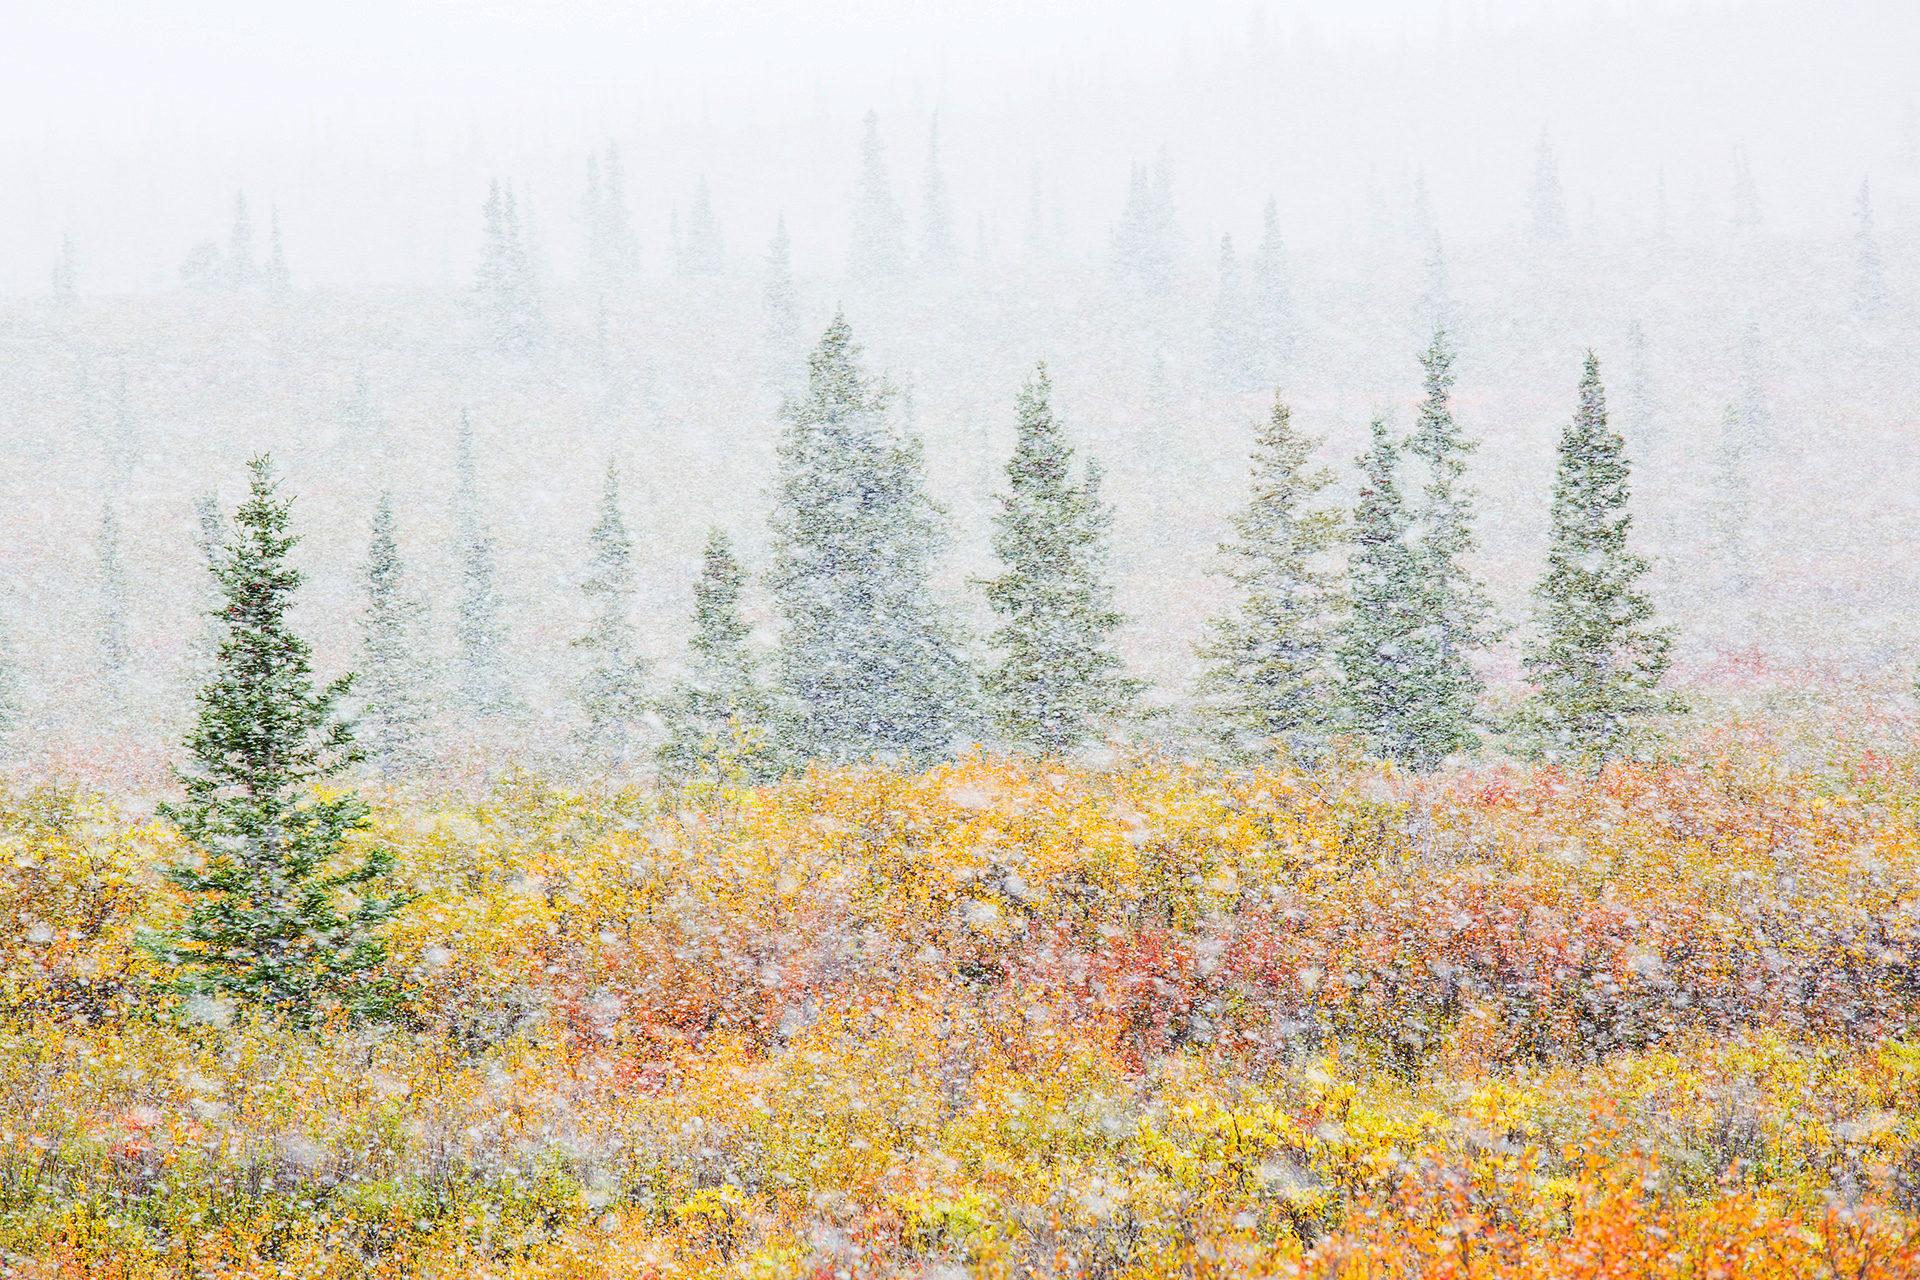 Landscape_autumn_meets_winter